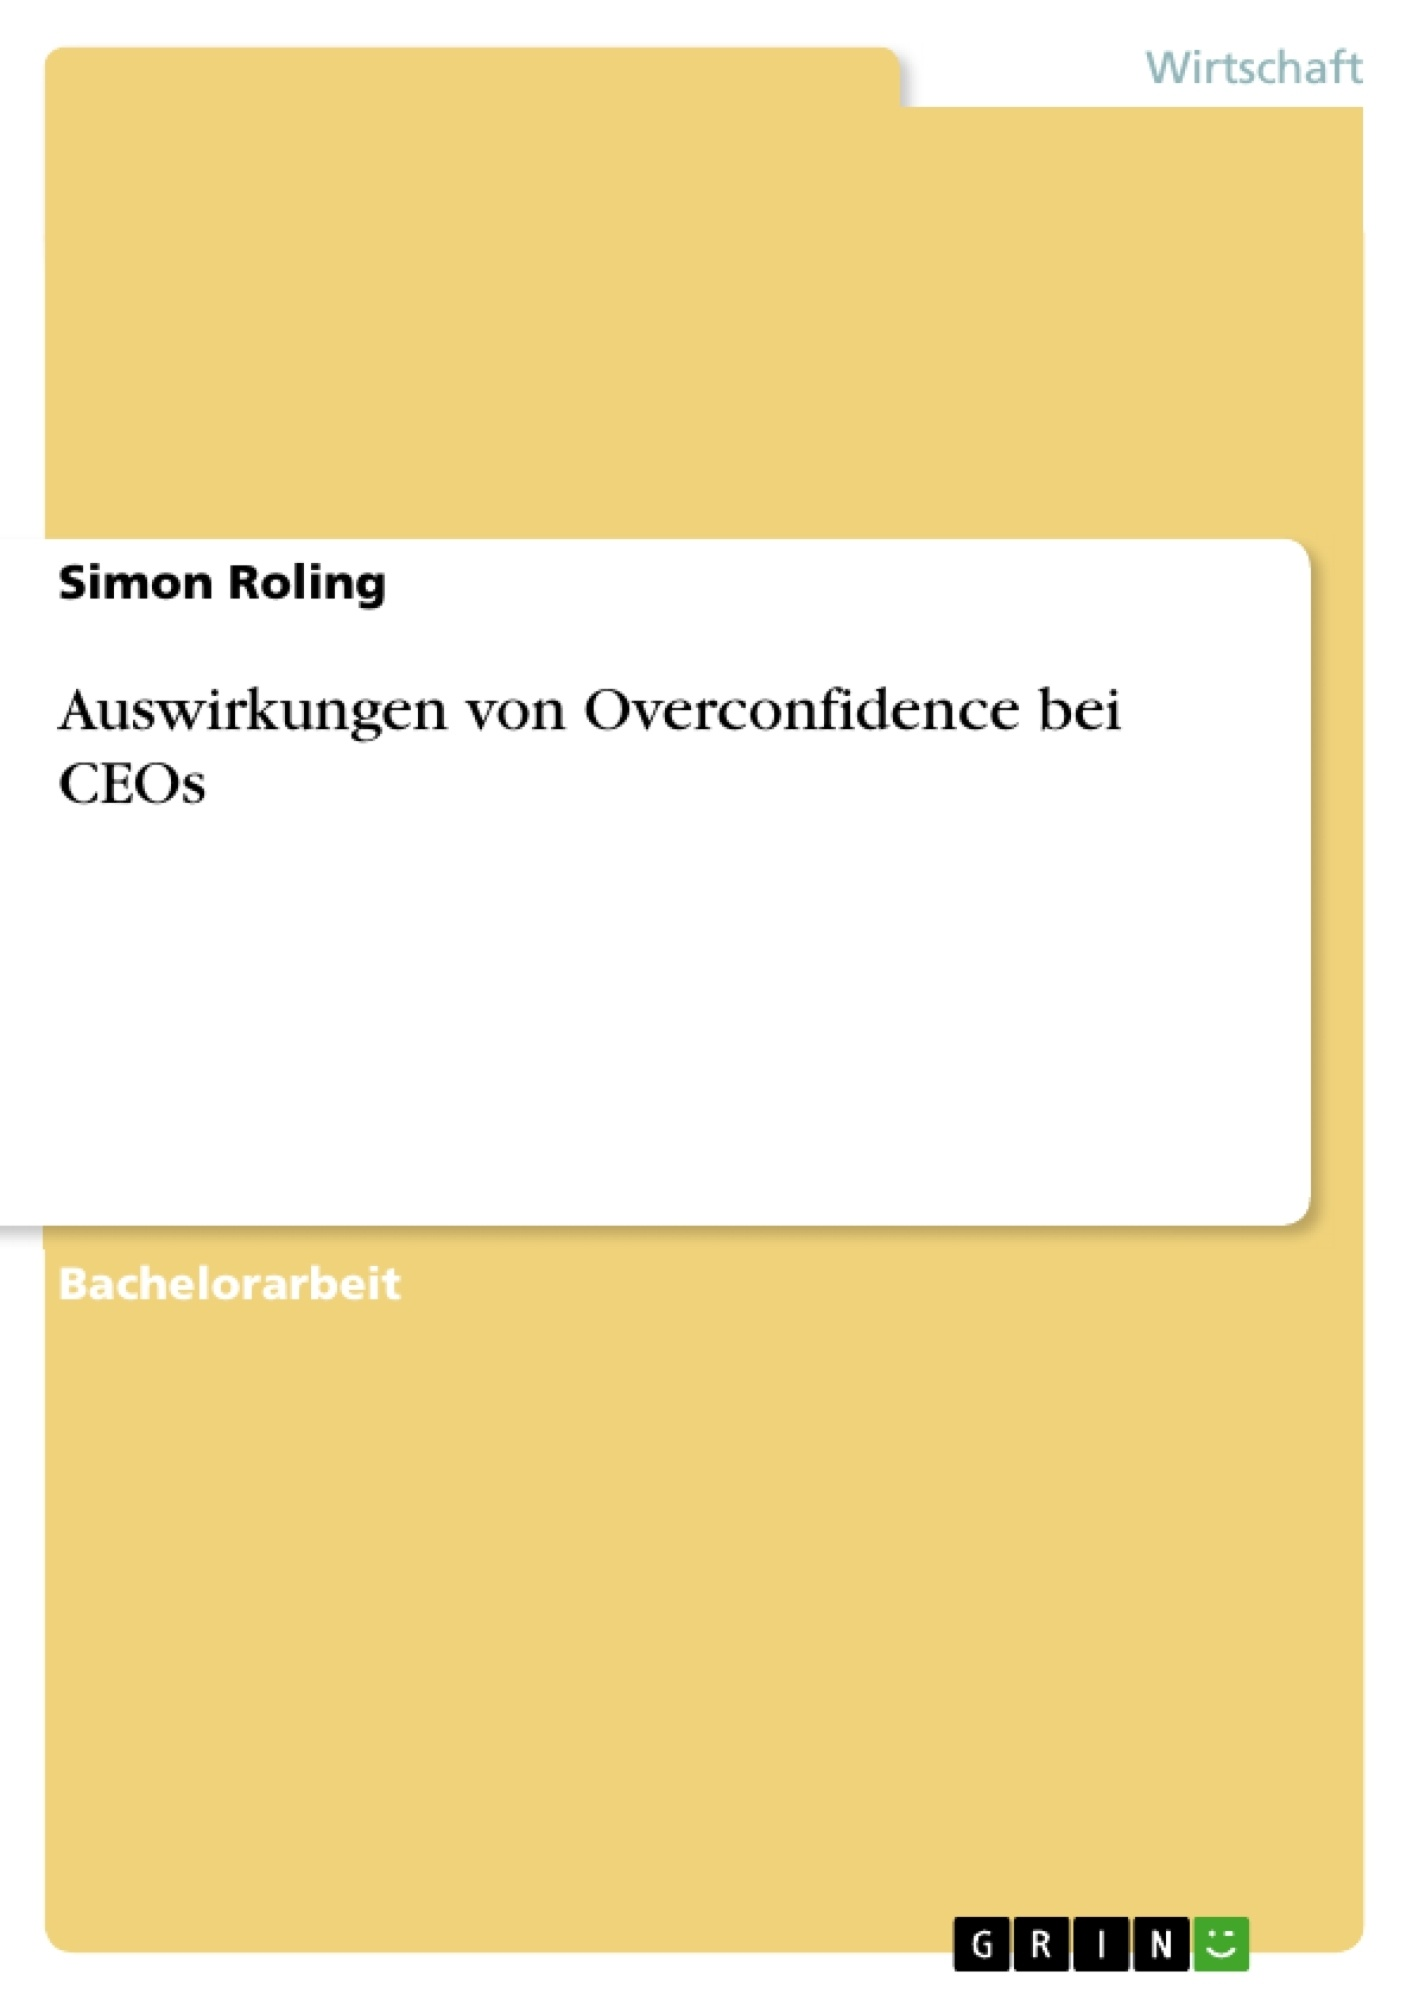 Titel: Auswirkungen von Overconfidence bei CEOs